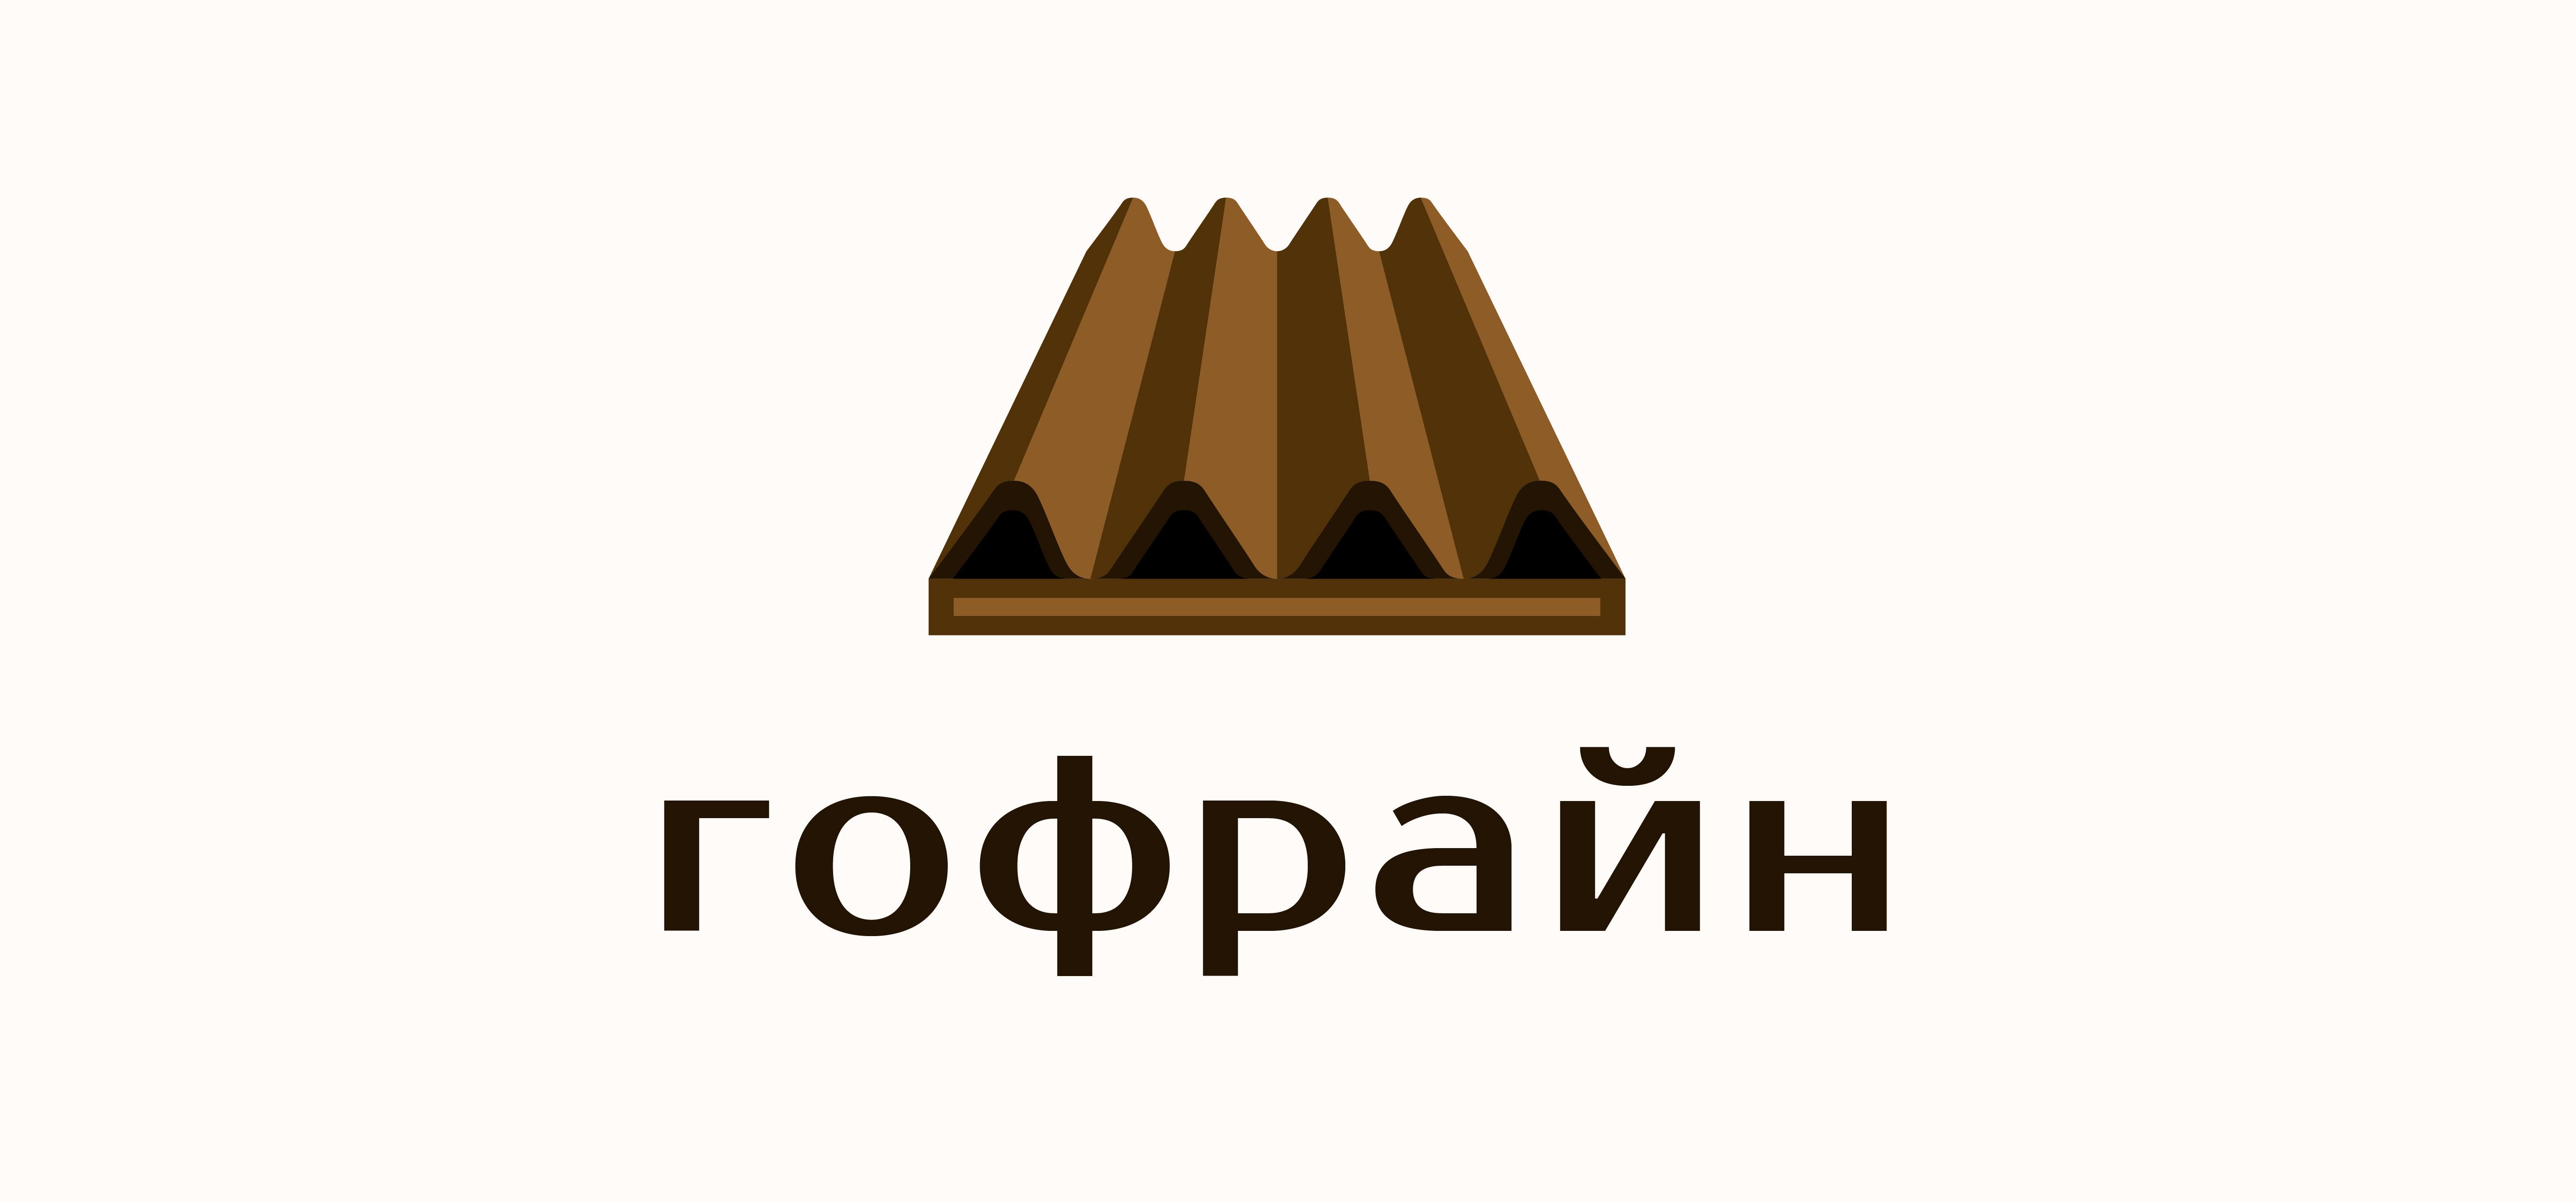 Логотип для компании по реализации упаковки из гофрокартона фото f_5505cdc22b1bd129.jpg